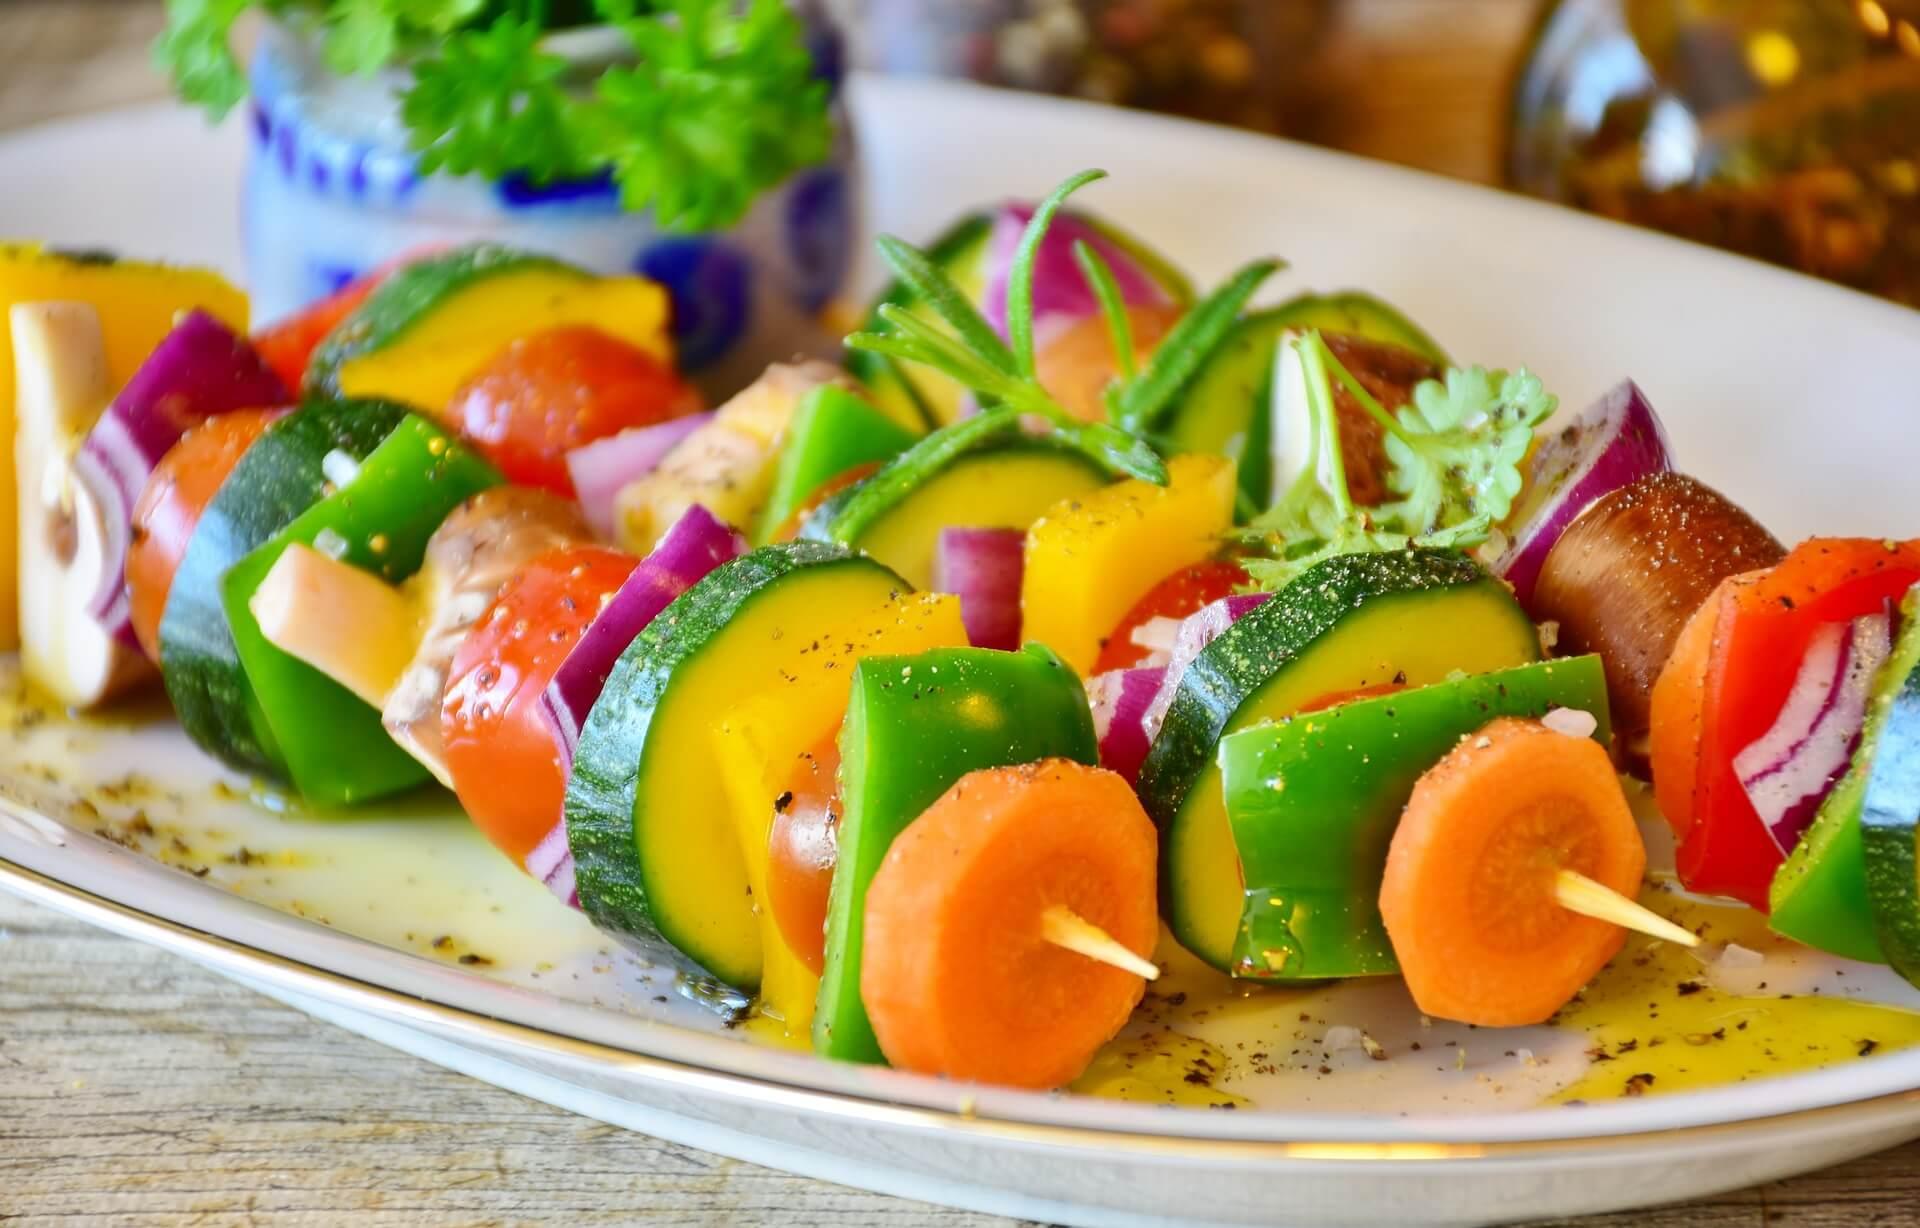 食事の彩りを豊かにするメリット|ファイトケミカルについて